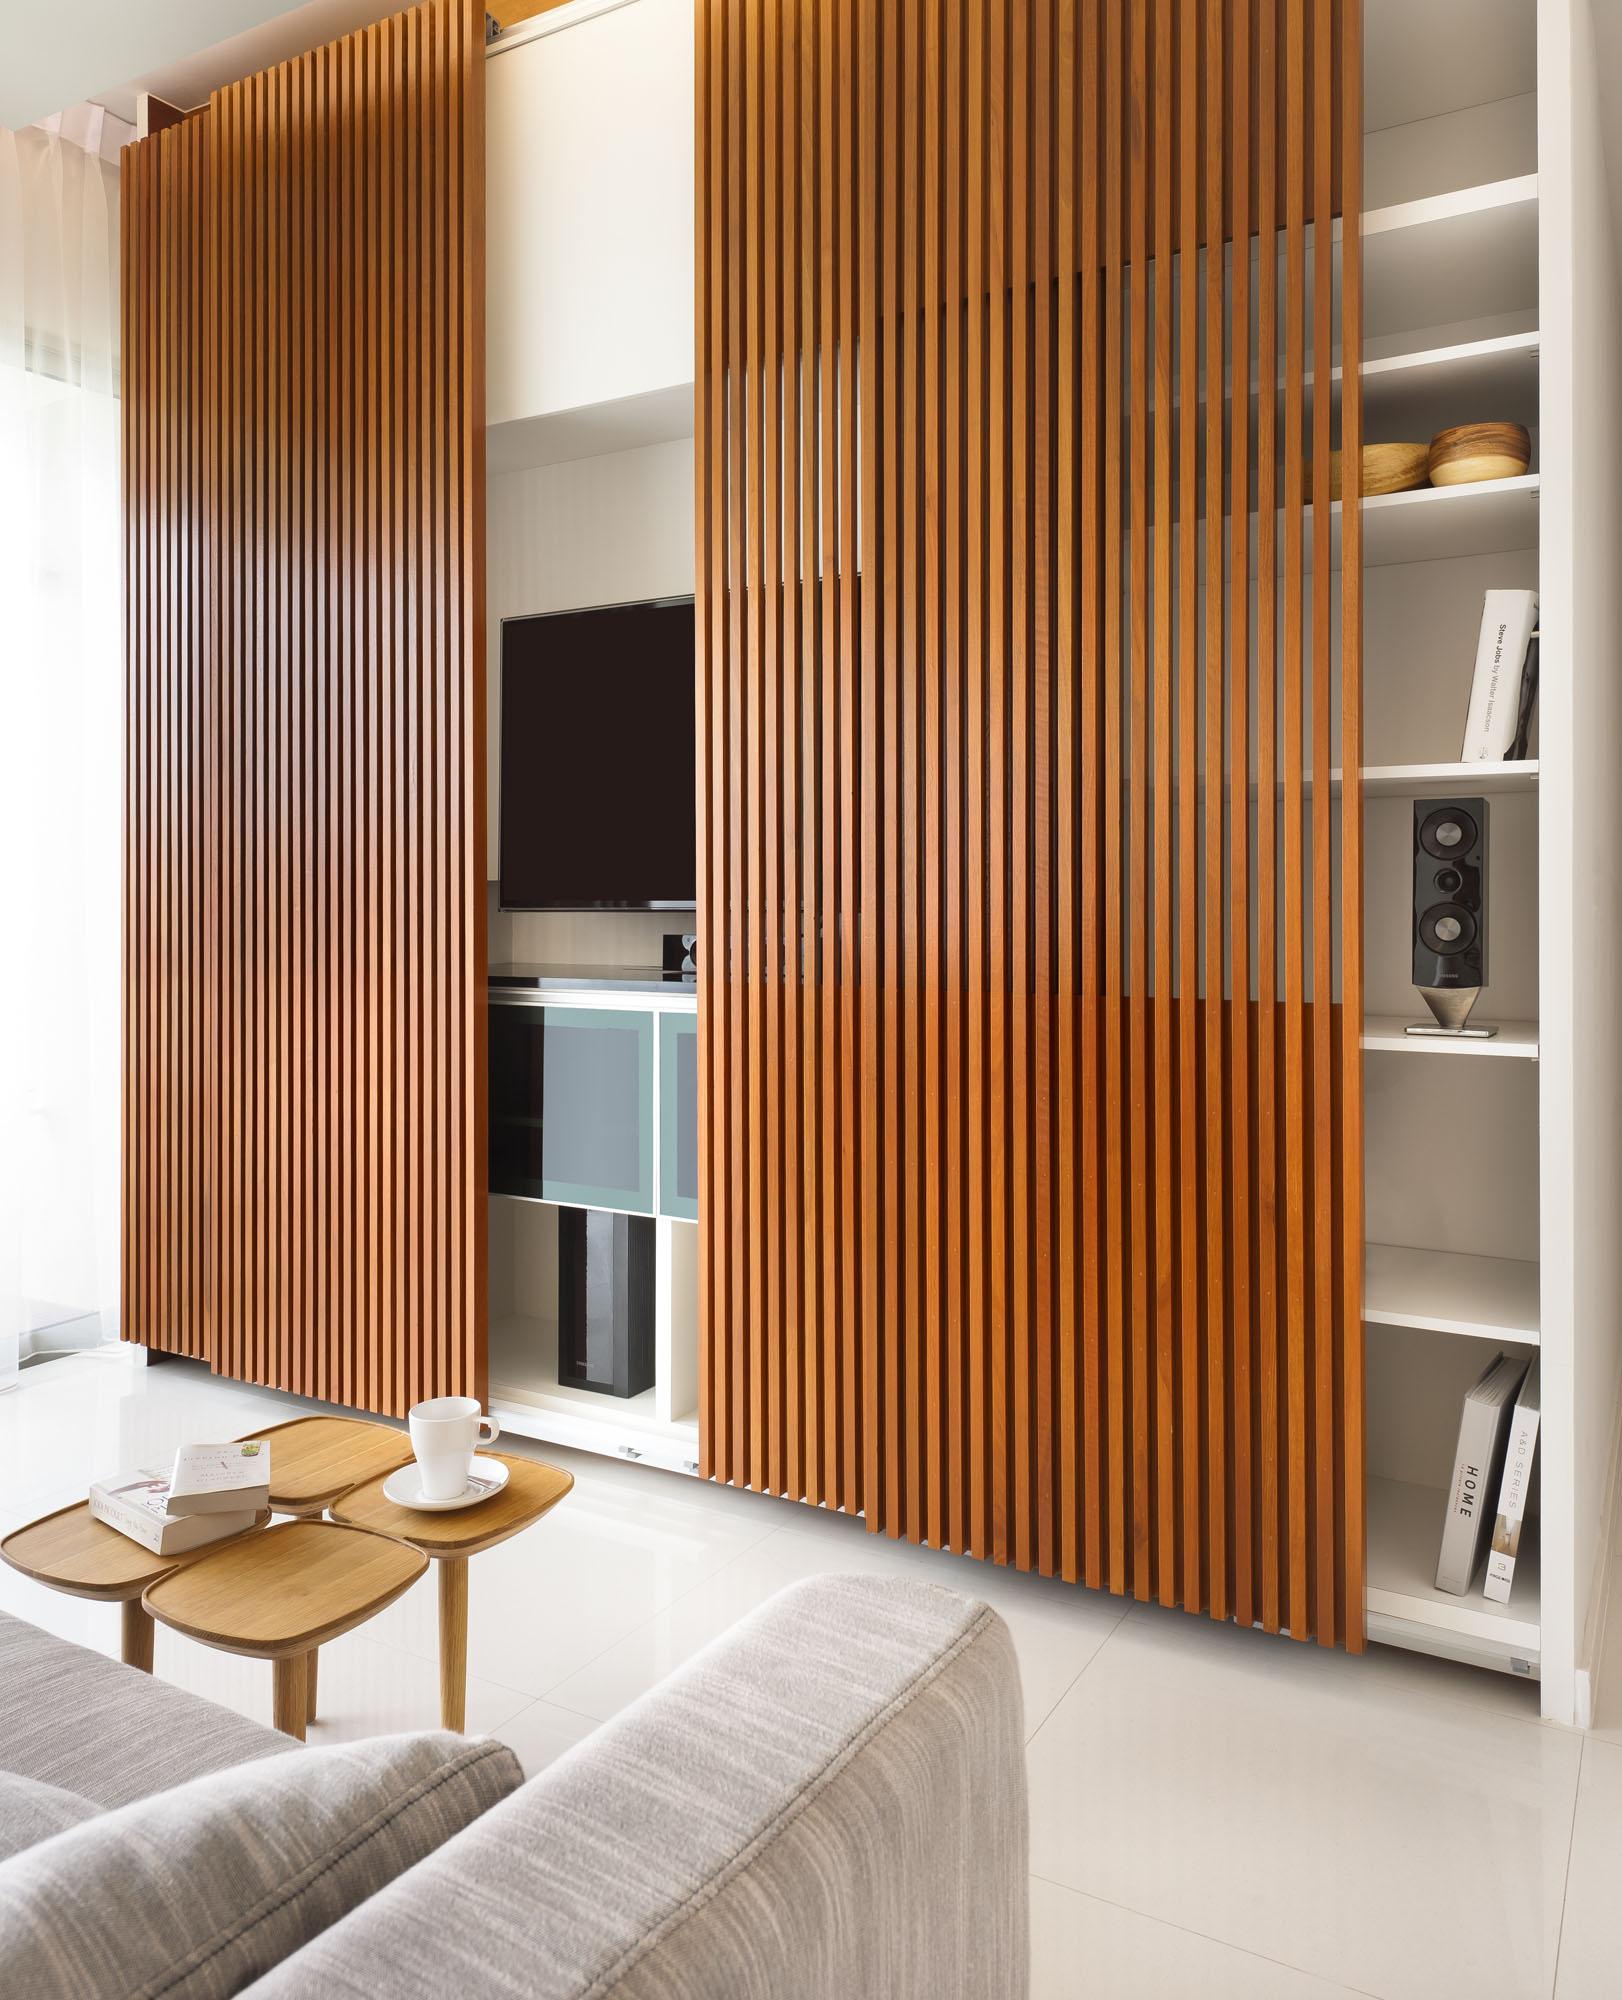 Wood Slat Wall Covering